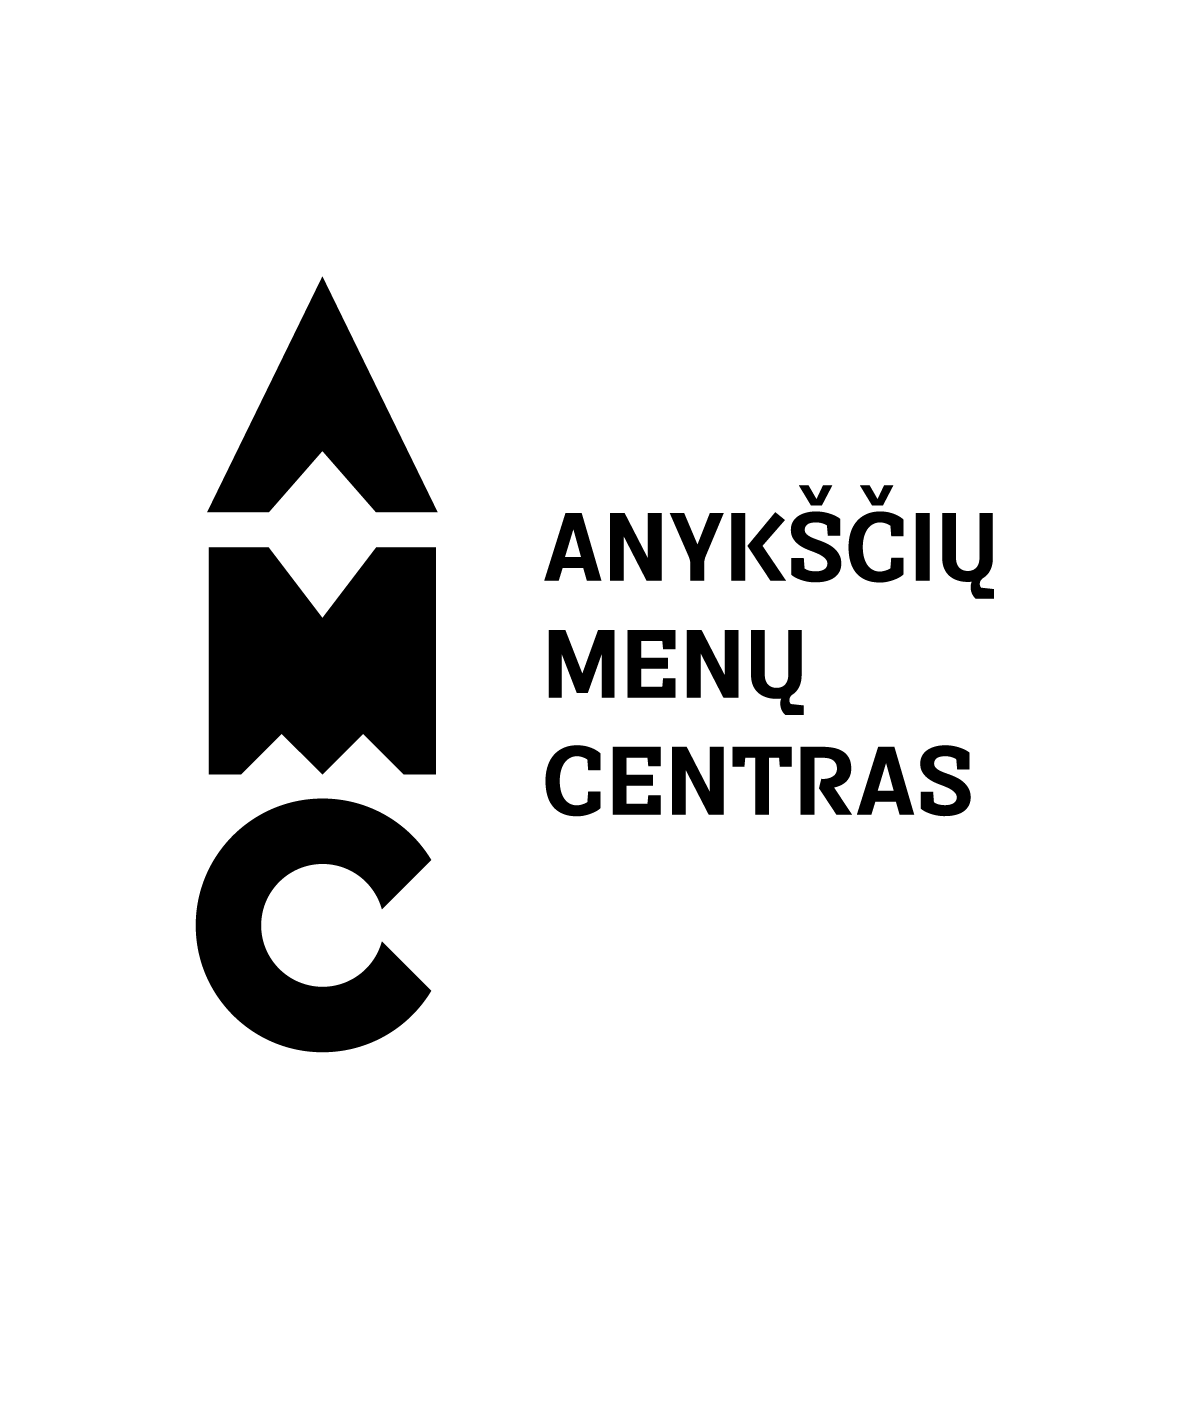 AMCfinBLACK